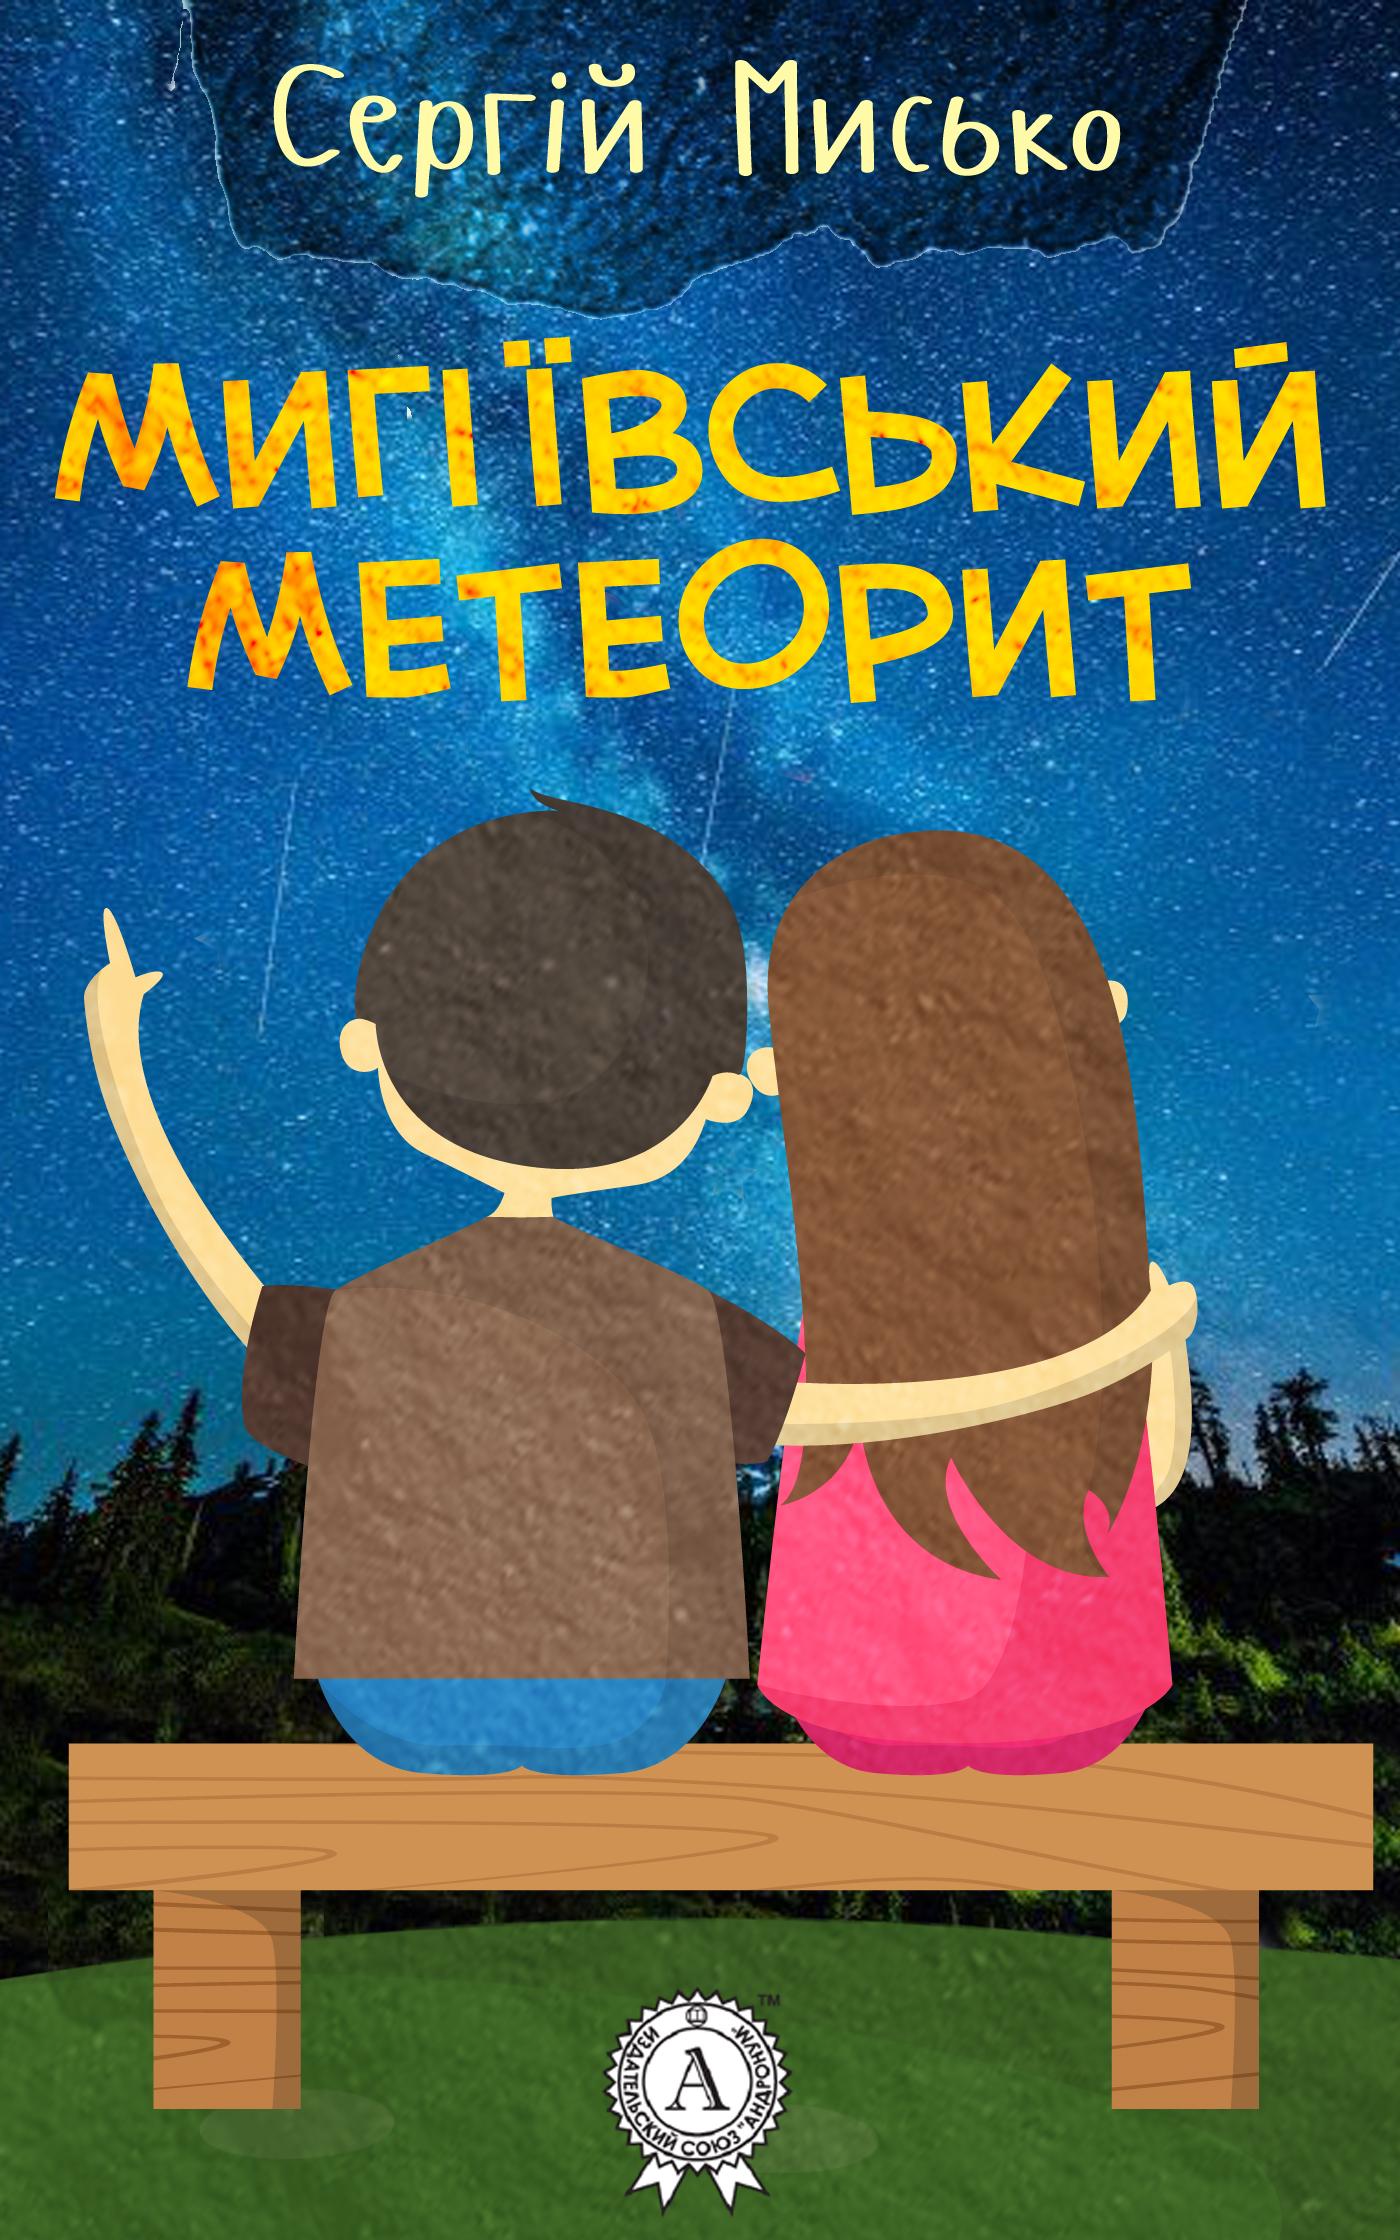 Обложка книги Мигіївський метеорит, автор Мисько, Сергій